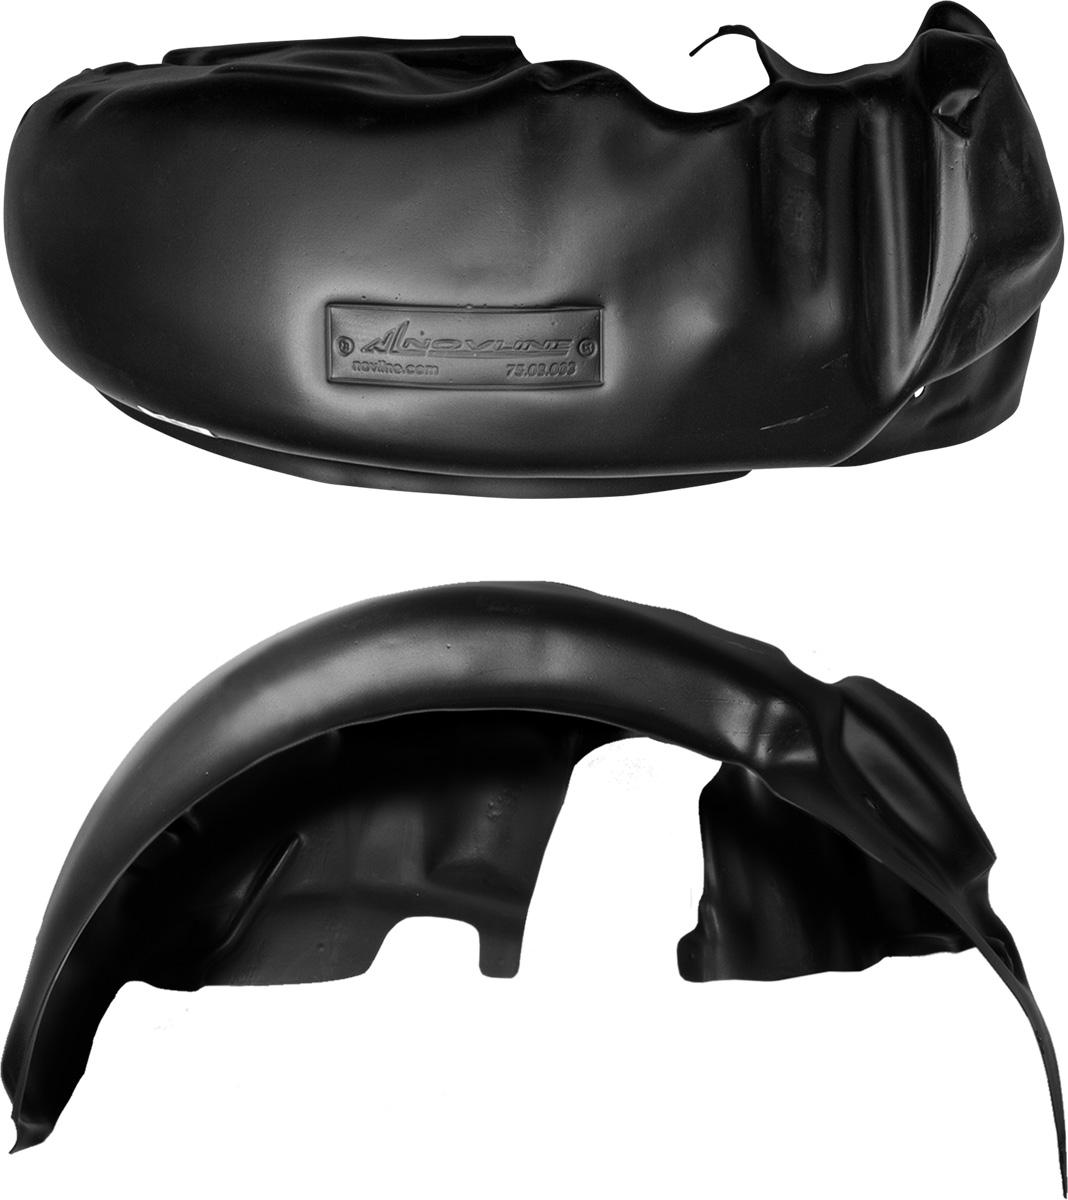 Подкрылок Novline-Autofamily, для УАЗ 3741, 1990->, задний левыйNLL.54.02.003Колесные ниши - одни из самых уязвимых зон днища вашего автомобиля. Они постоянно подвергаются воздействию со стороны дороги. Лучшая, почти абсолютная защита для них - специально отформованные пластиковые кожухи, которые называются подкрылками. Производятся они как для отечественных моделей автомобилей, так и для иномарок. Подкрылки Novline-Autofamily выполнены из высококачественного, экологически чистого пластика. Обеспечивают надежную защиту кузова автомобиля от пескоструйного эффекта и негативного влияния, агрессивных антигололедных реагентов. Пластик обладает более низкой теплопроводностью, чем металл, поэтому в зимний период эксплуатации использование пластиковых подкрылков позволяет лучше защитить колесные ниши от налипания снега и образования наледи. Оригинальность конструкции подчеркивает элегантность автомобиля, бережно защищает нанесенное на днище кузова антикоррозийное покрытие и позволяет осуществить крепление подкрылков внутри колесной арки практически без...